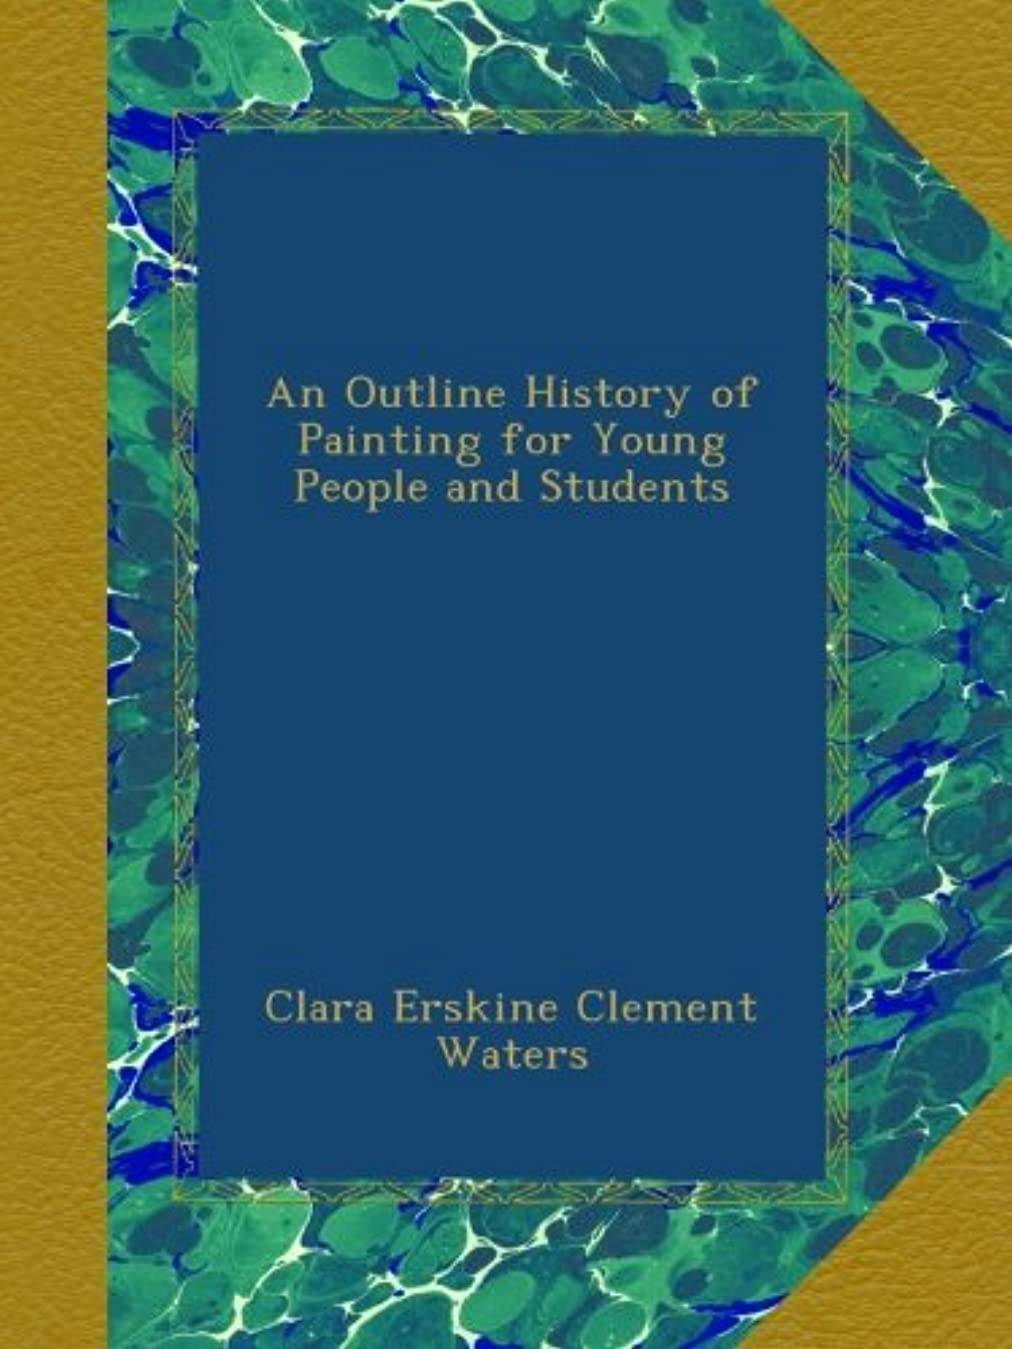 口述する嵐事実An Outline History of Painting for Young People and Students